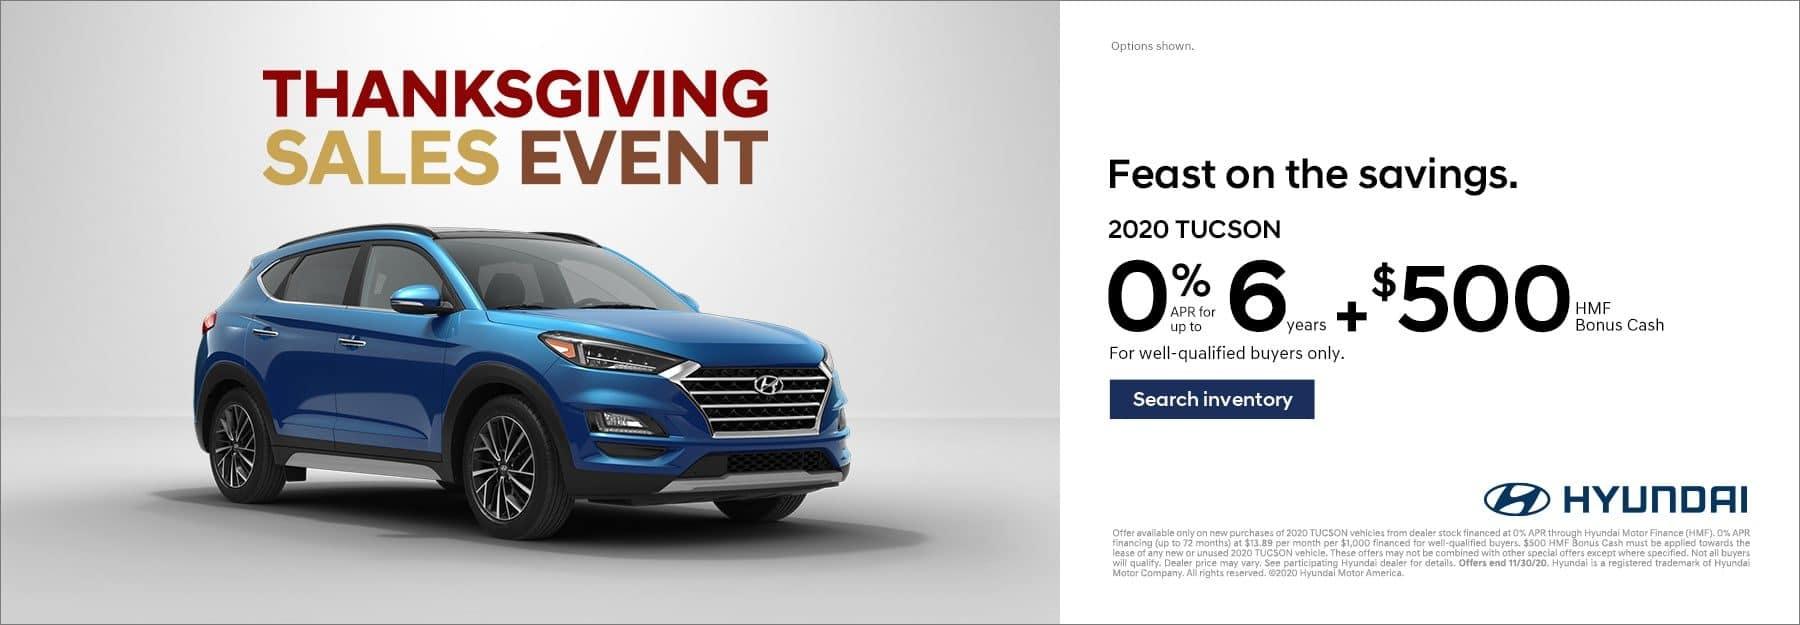 2020 Hyundai Tucson 0% for 6 years